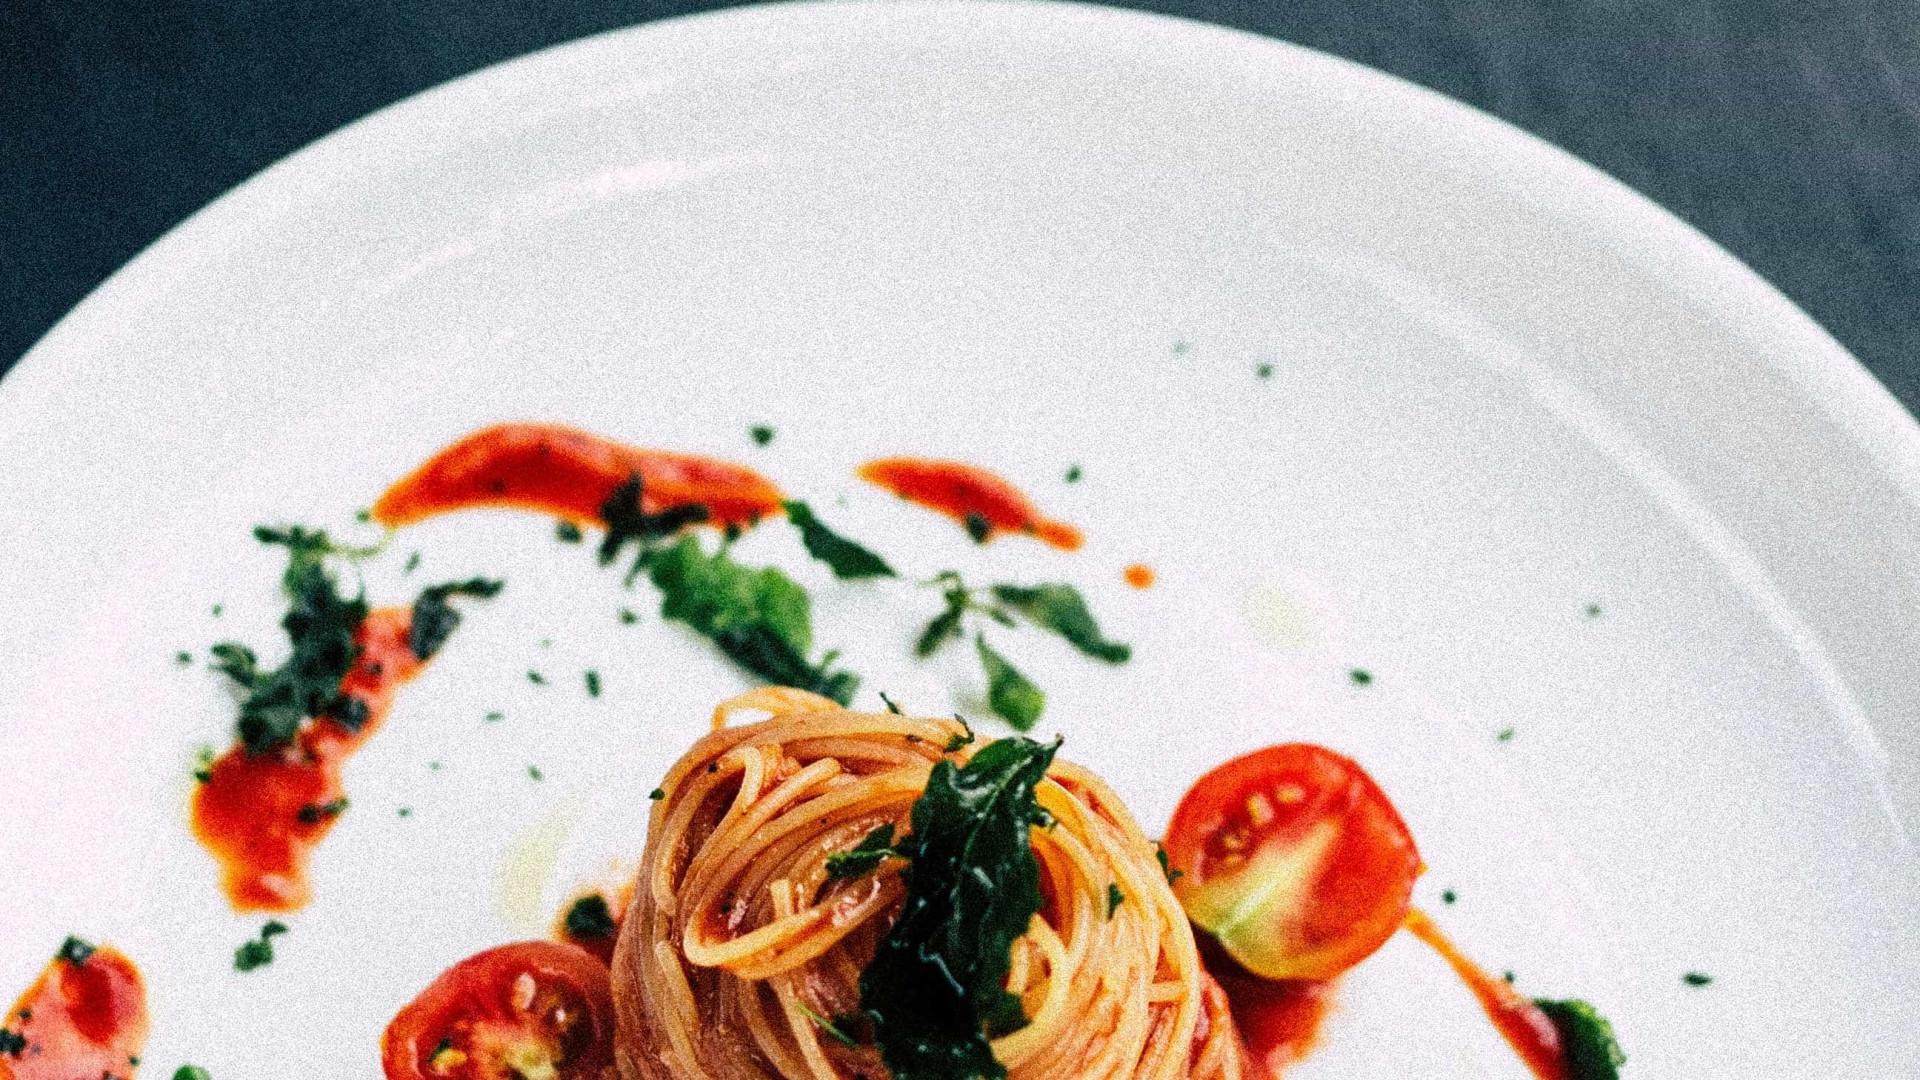 Descubra restaurantes fora do circuito turístico em Roma